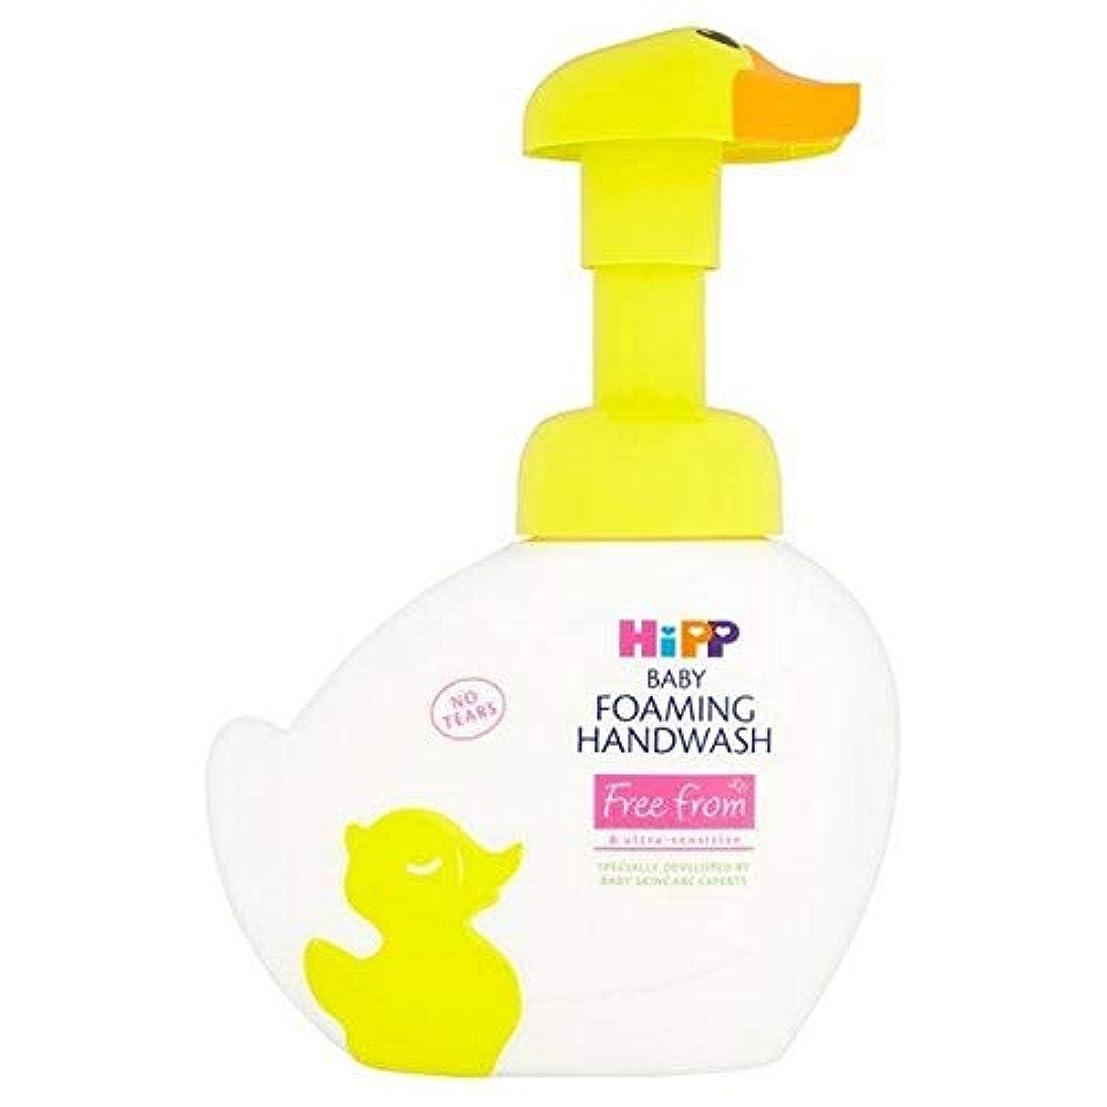 害悪夢許さない[Hipp ] ヒップ自由手洗いの250ミリリットルを発泡から - HiPP Free From Foaming Handwash 250ml [並行輸入品]